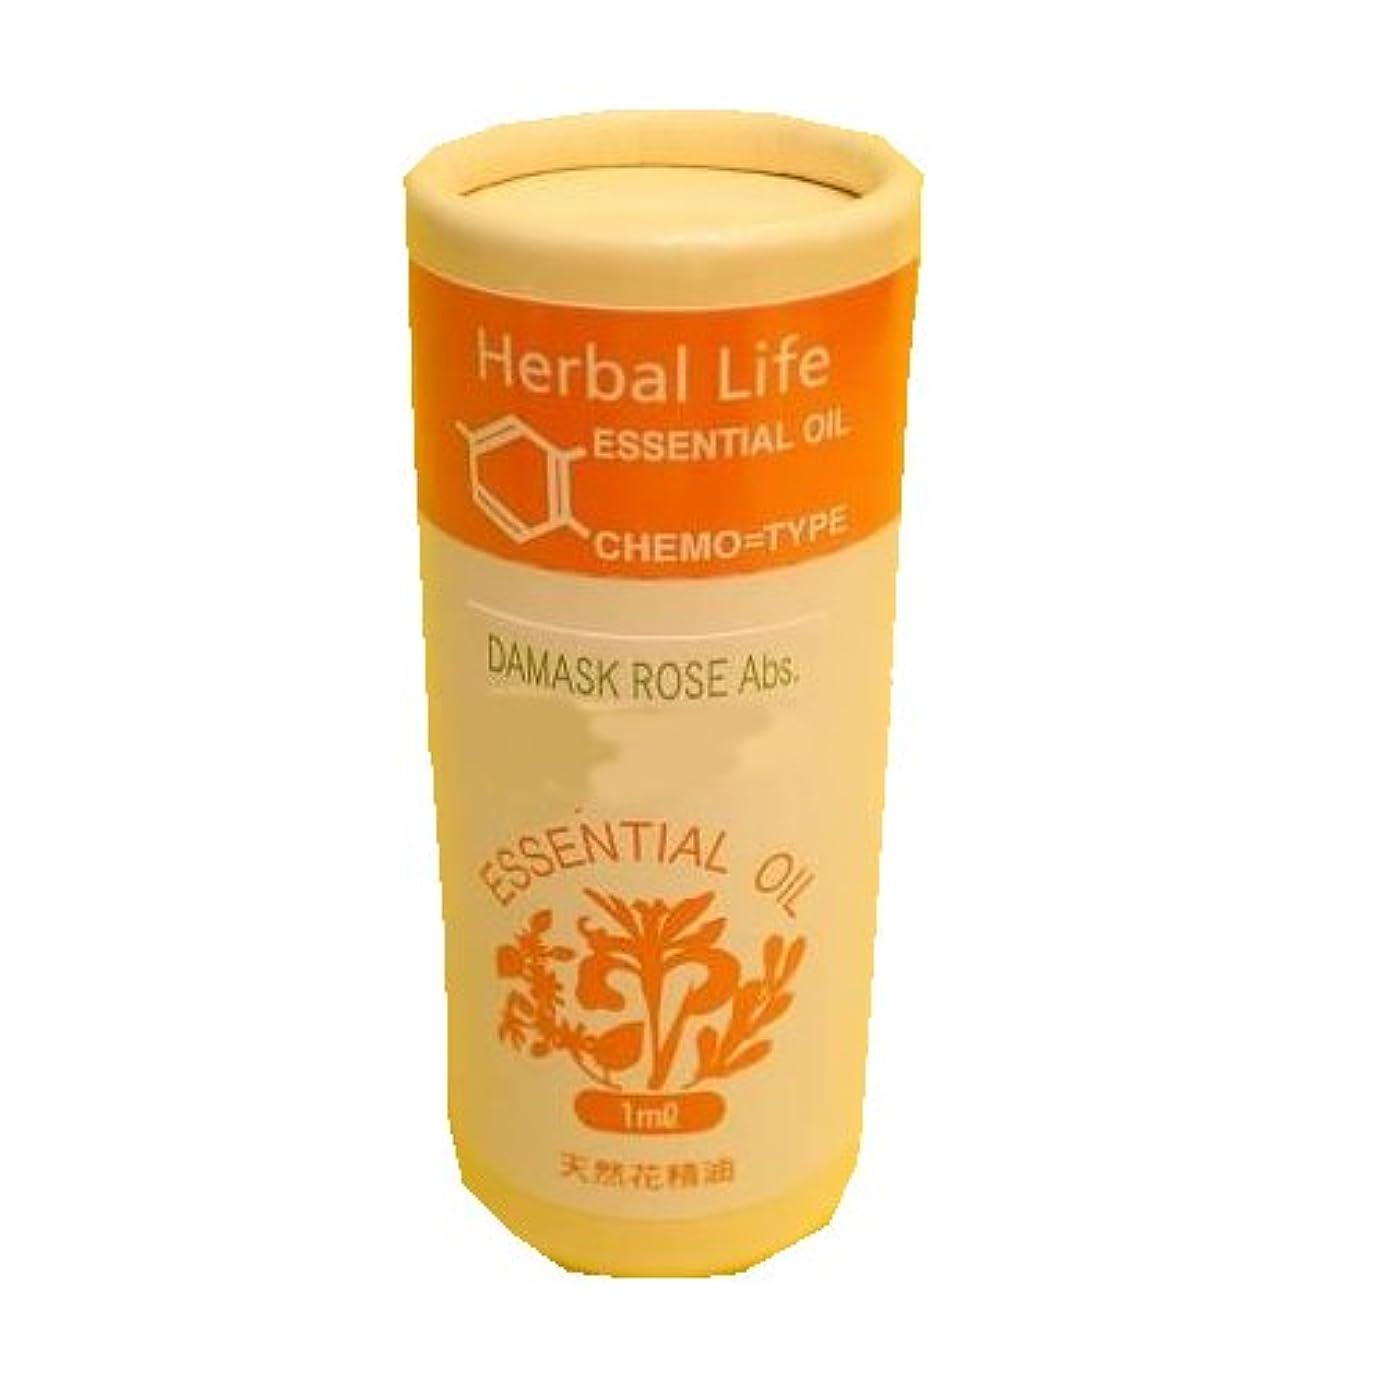 生活の木 Herbal Life 花精油 ダマスクローズAbs. ブルガリア産 1ml